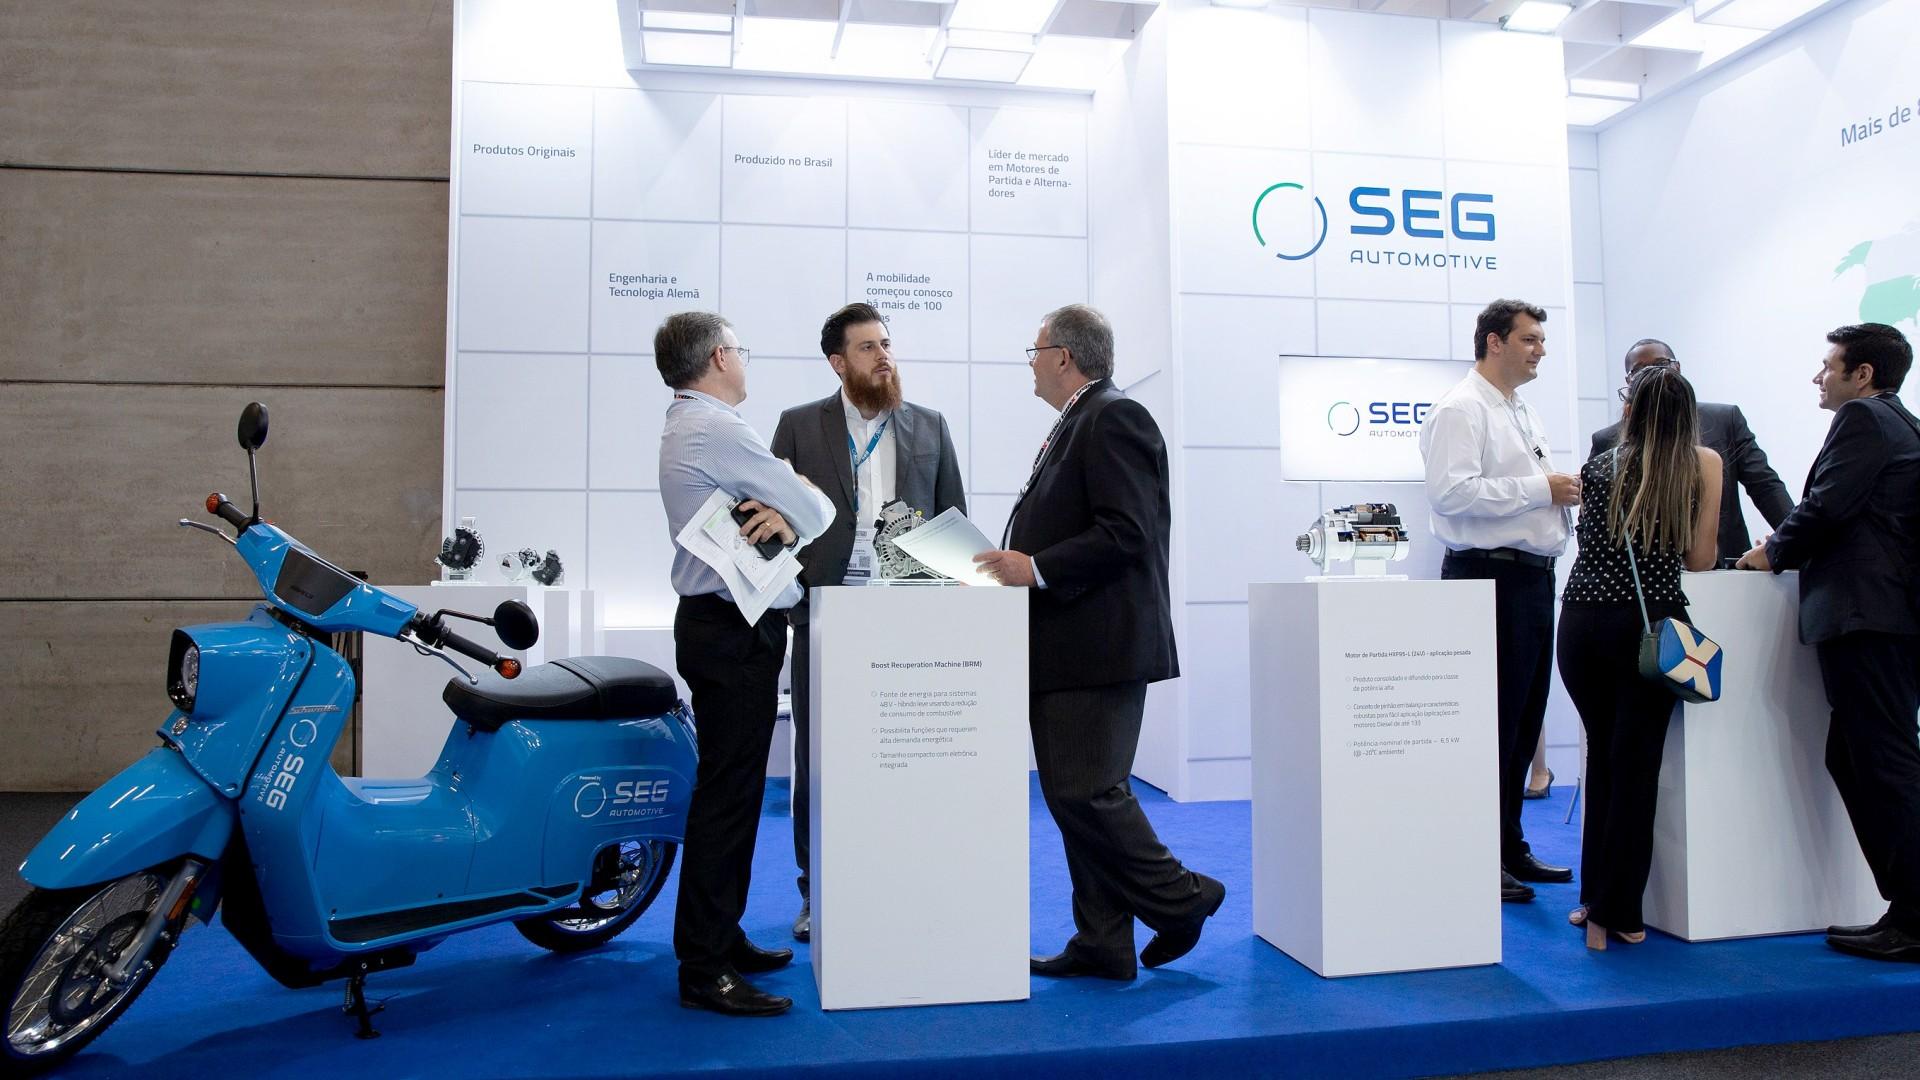 索恩格汽车在巴西Fenatran商用车展览会上展出的Schwalbe电动摩托车